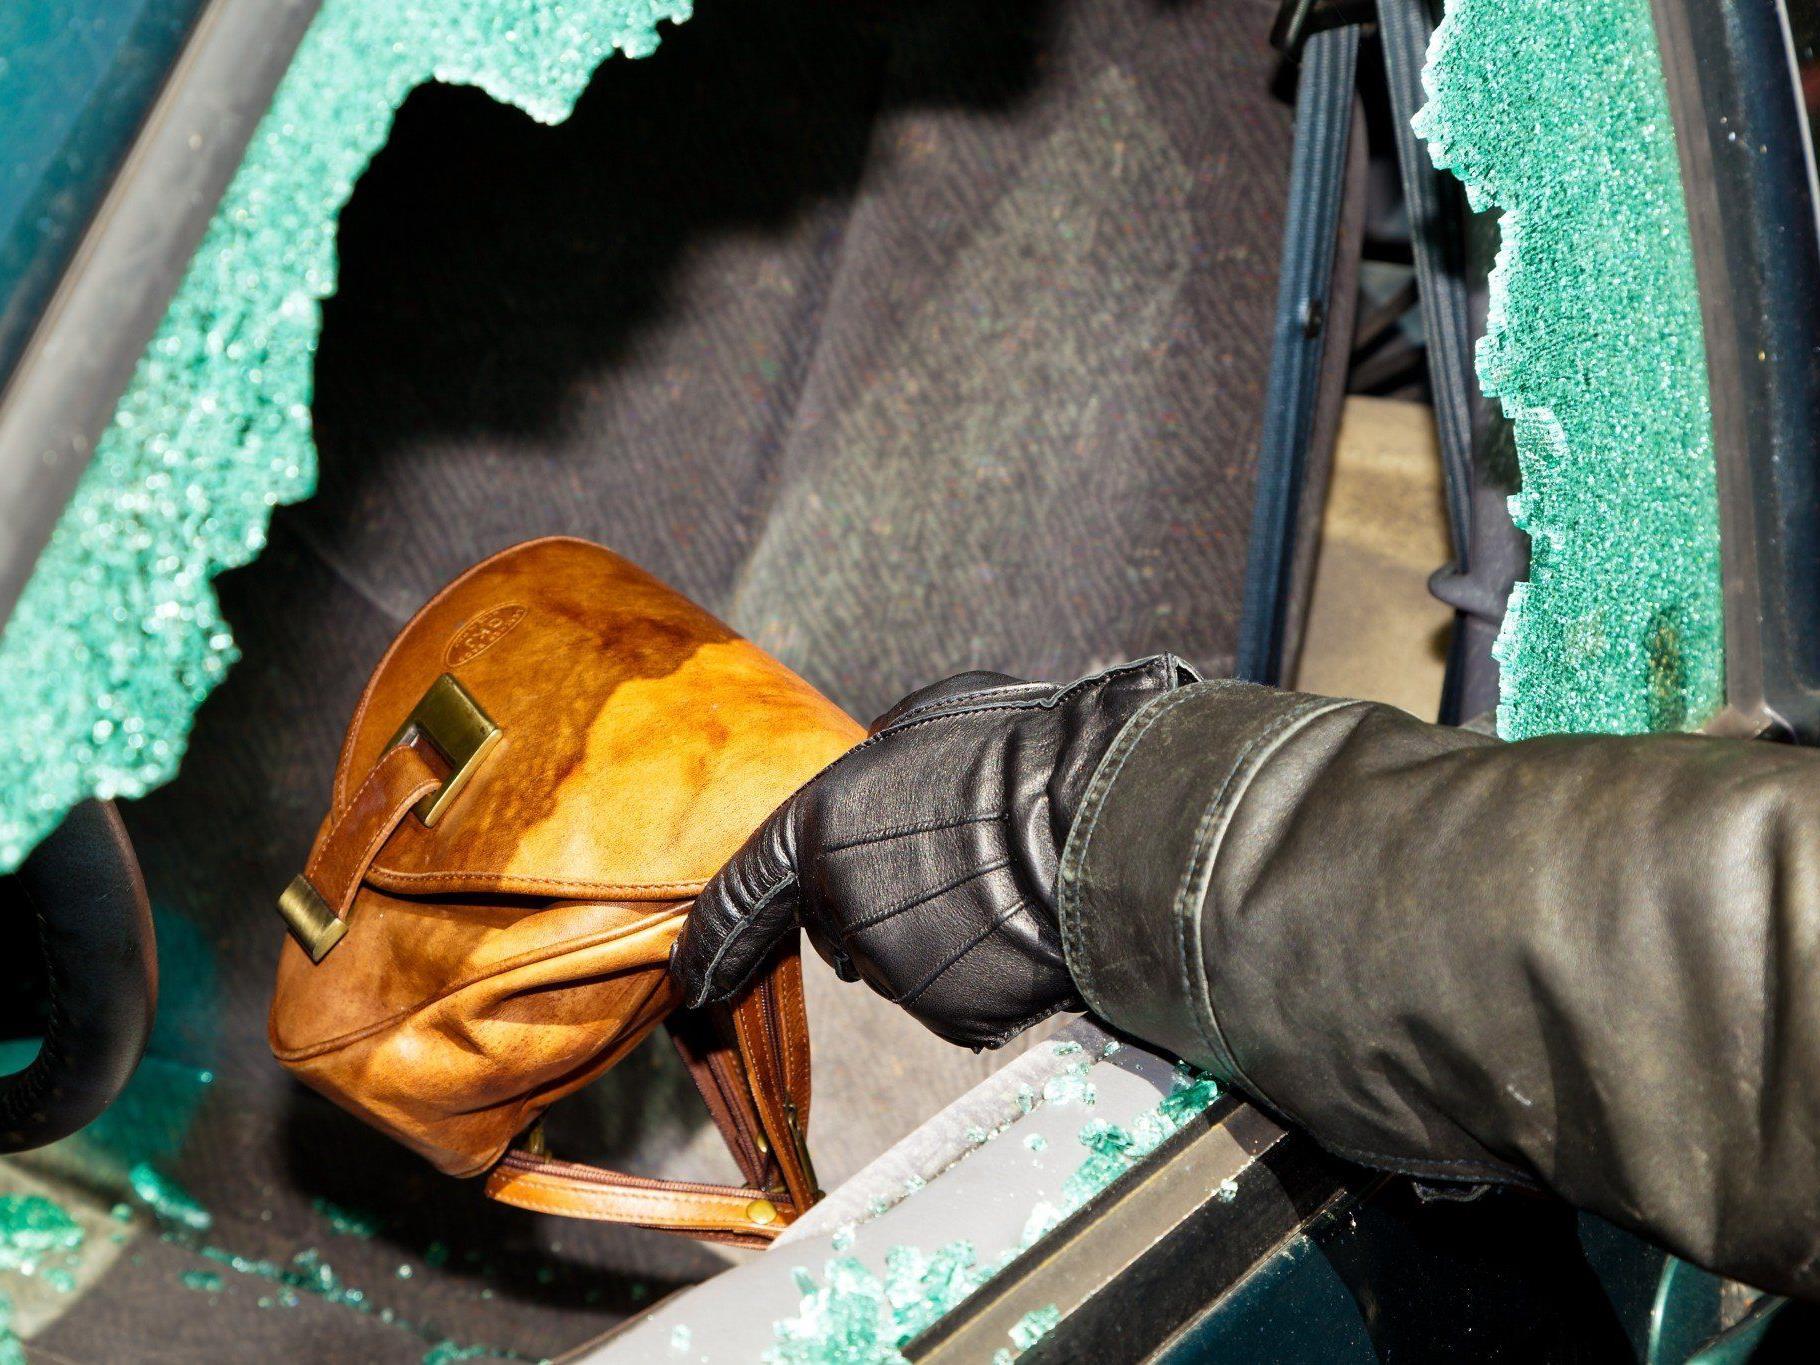 Aus einem auto in Balzers wurde eine Geldbörse gestohlen